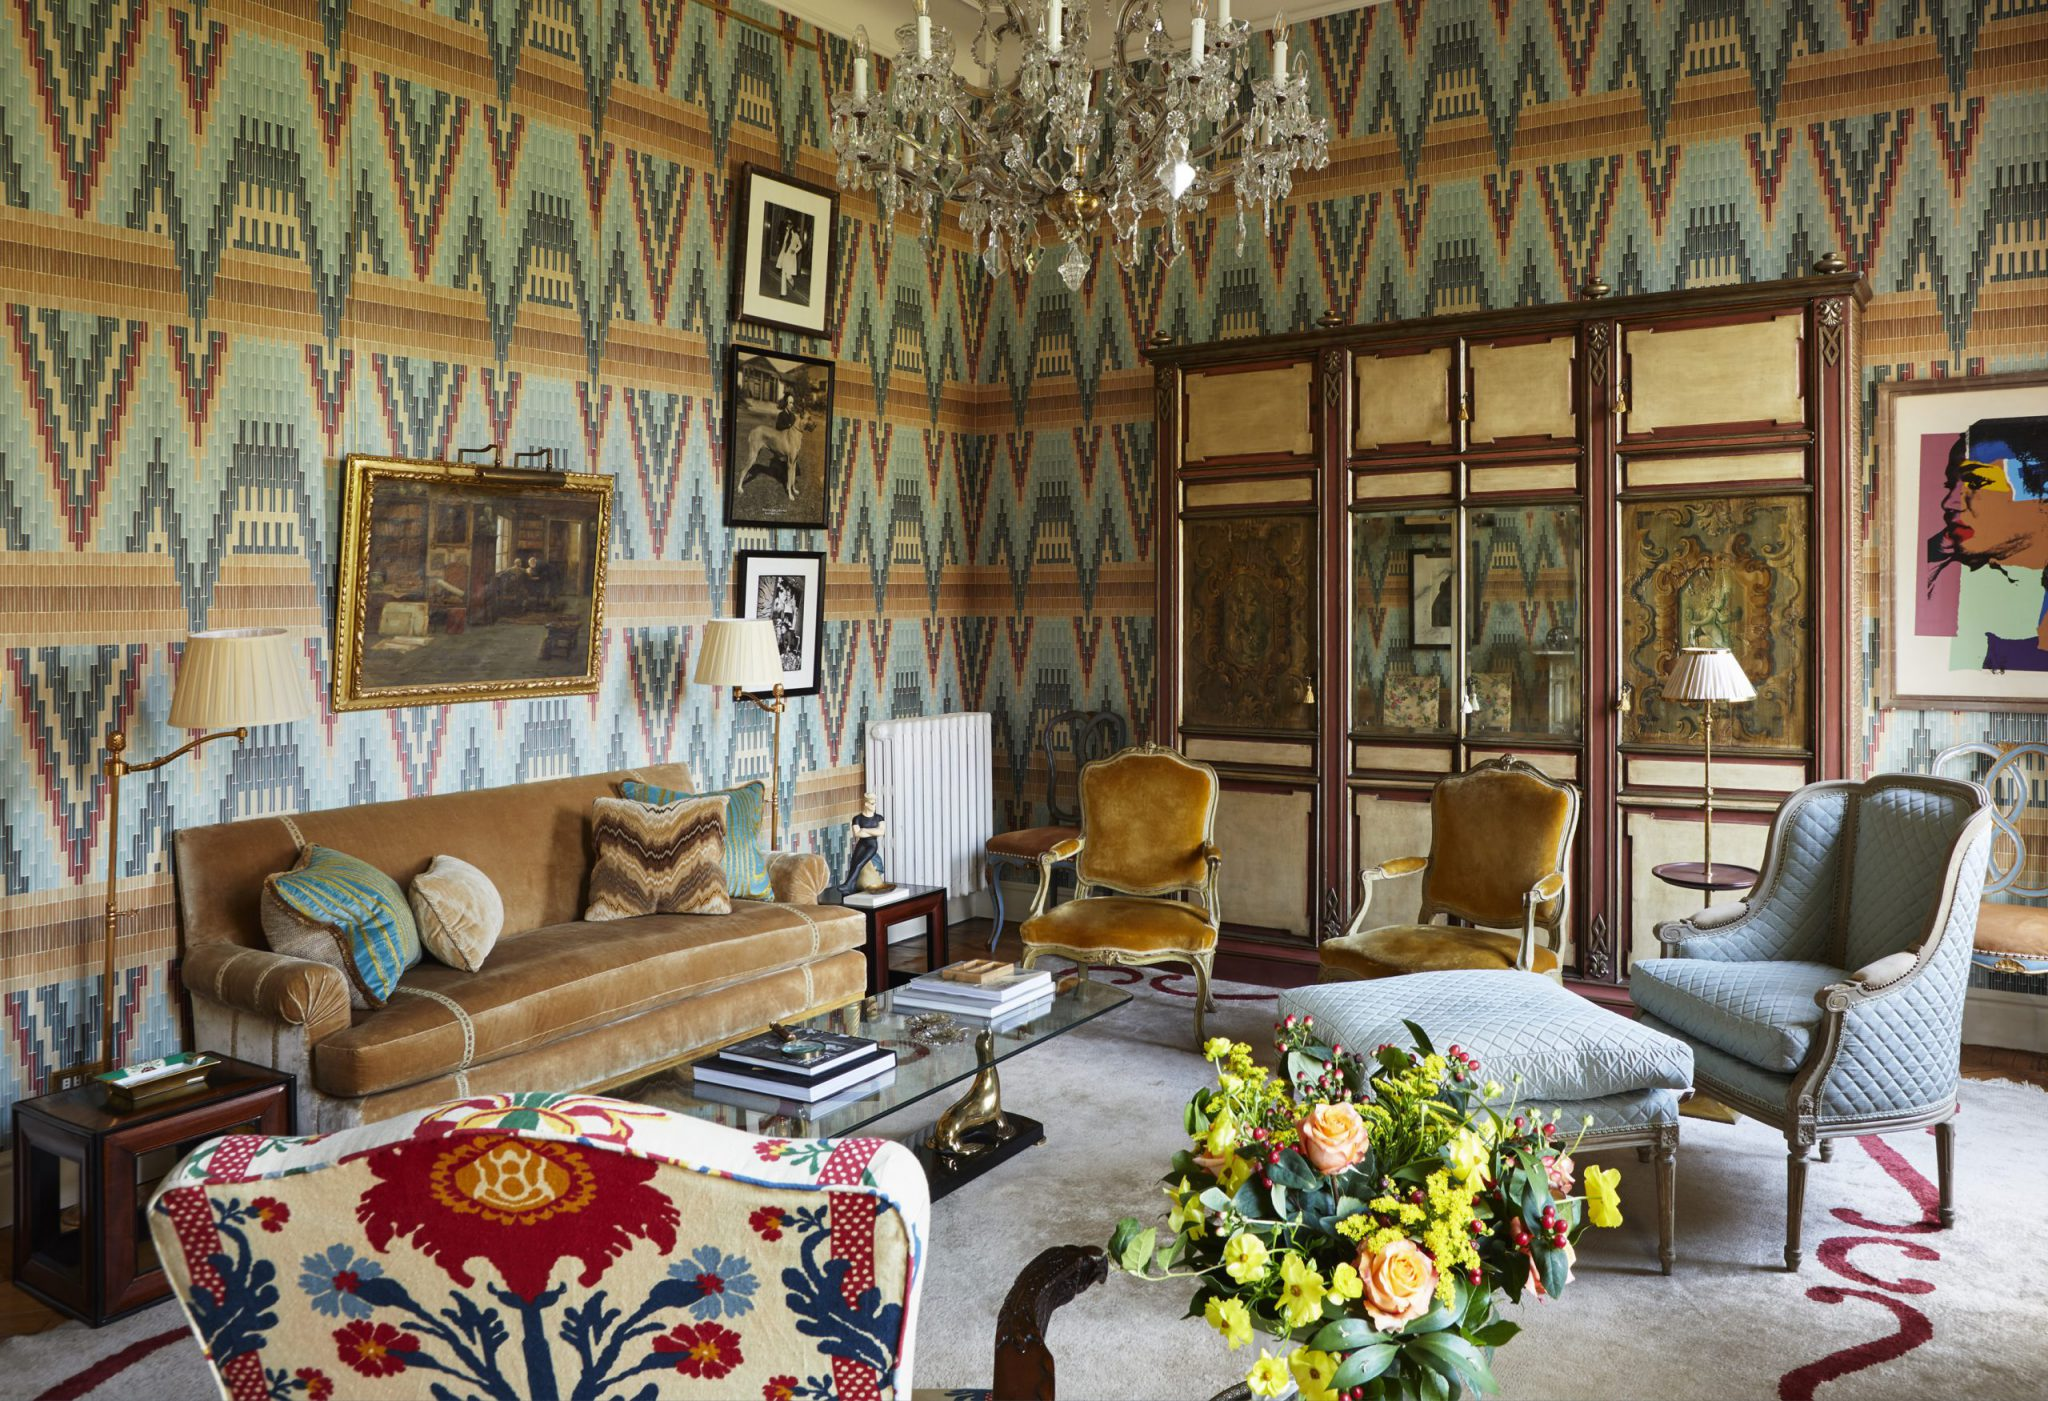 L'Artigianato, Piazza Castello, Milano, Interior Design Eric Egan, Photography Ricardo Labougle